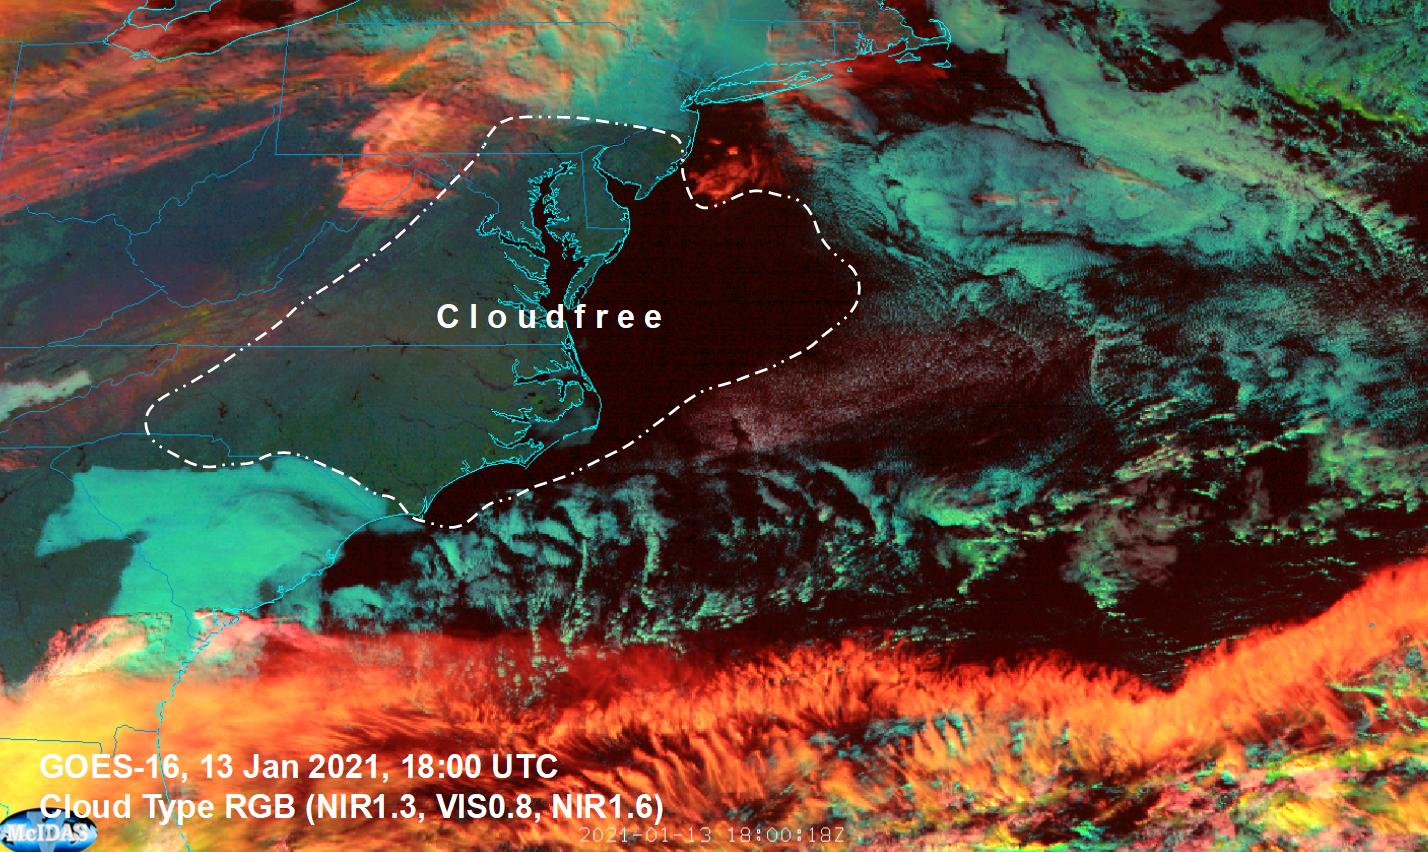 GOES-16 Cloud Type RGB, 13 Jan 2021